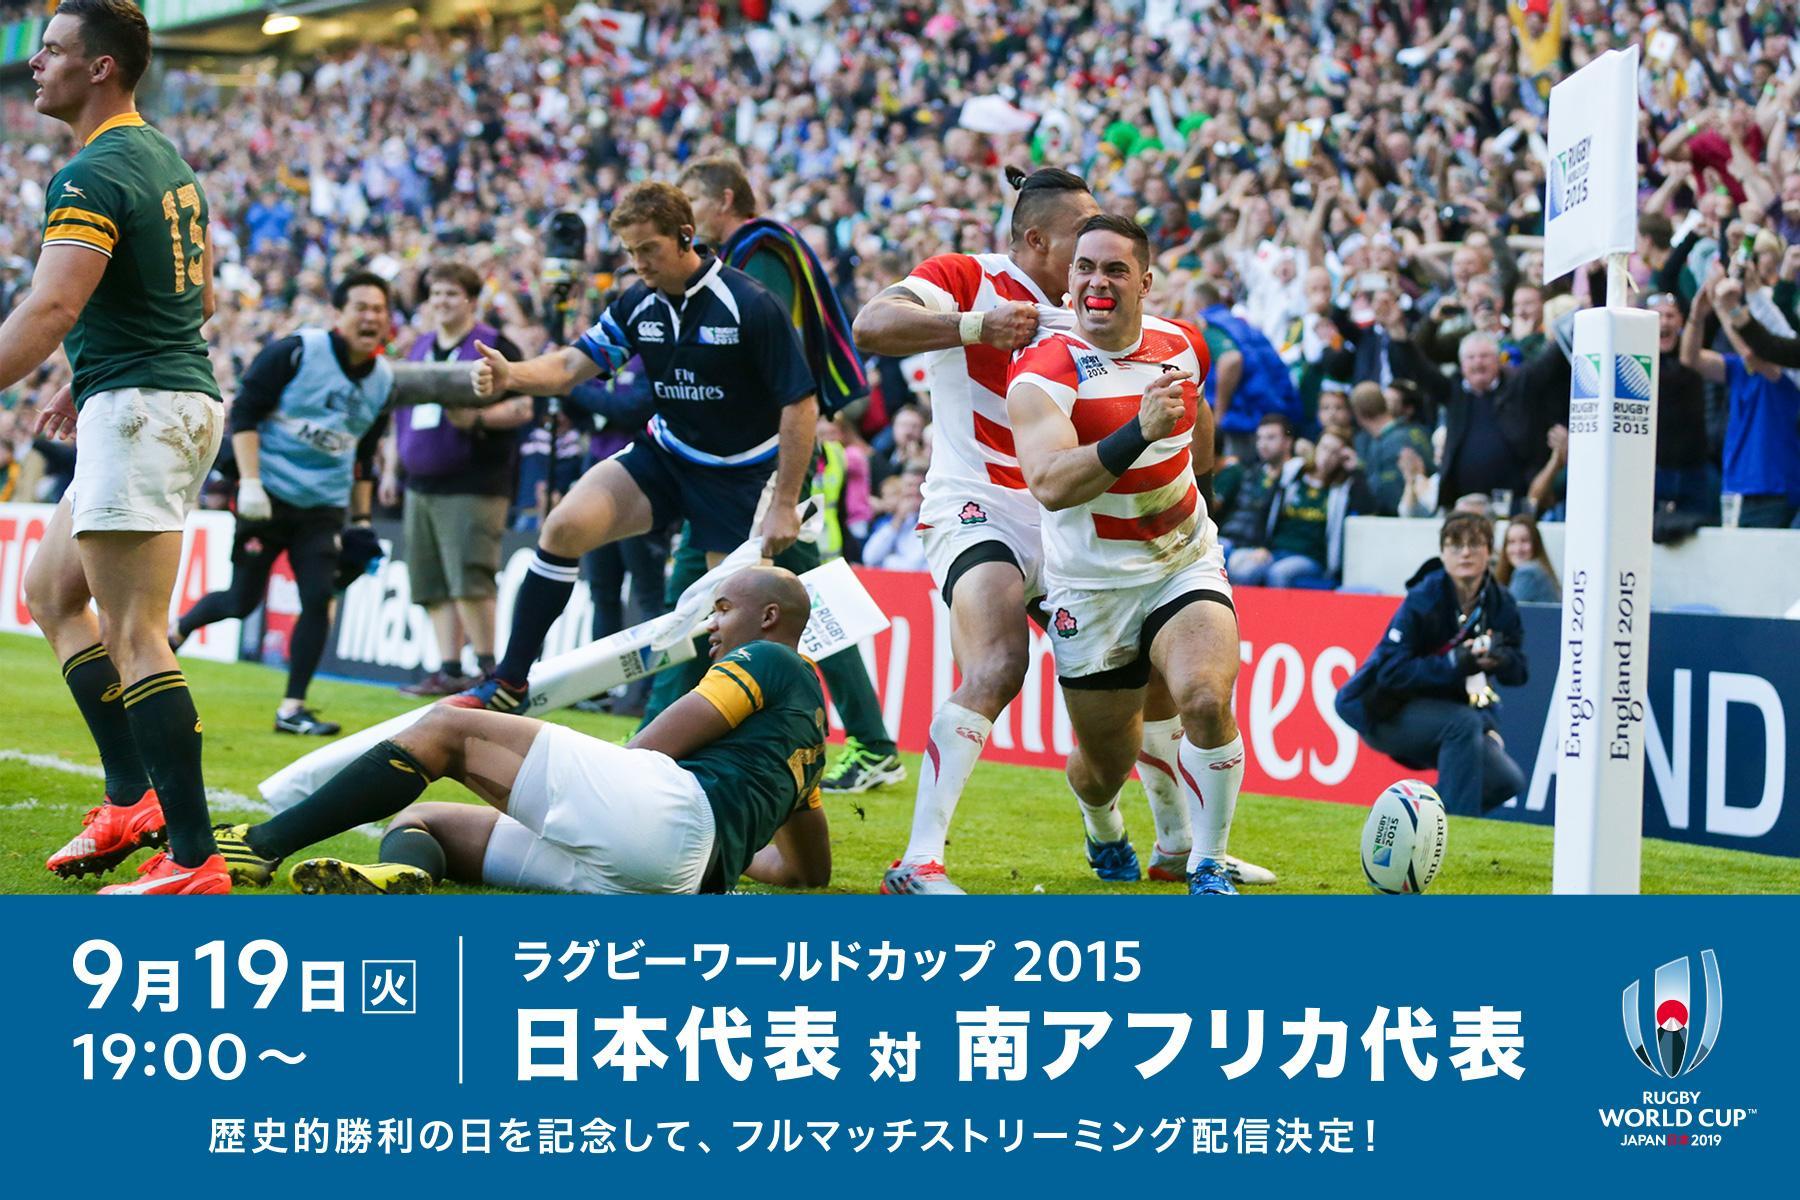 南アフリカ ラグビー 日本 vs 松島トライも日本が南アフリカに完敗/ラグビー詳細